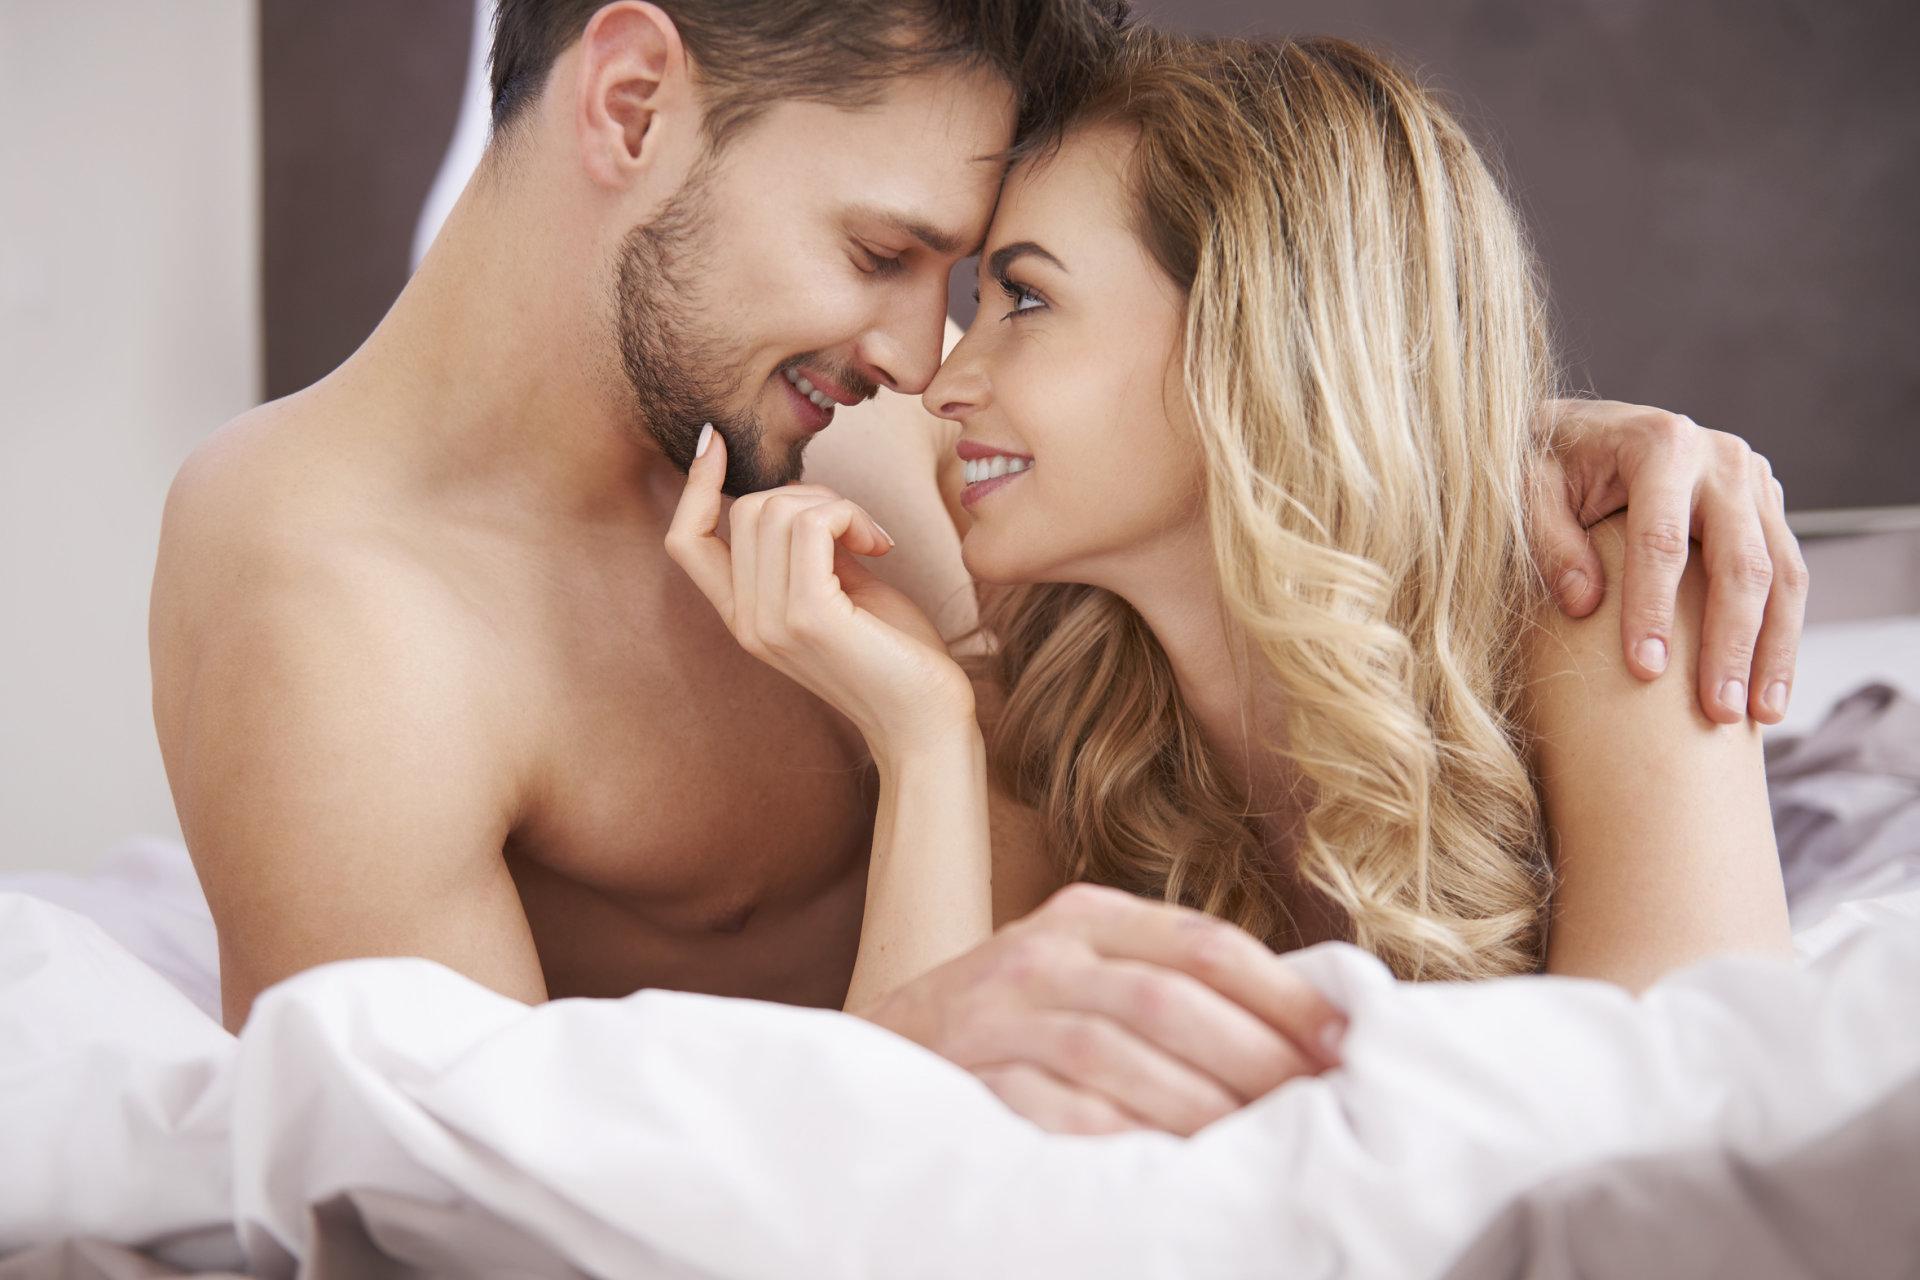 stiprios erekcijos paslaptis